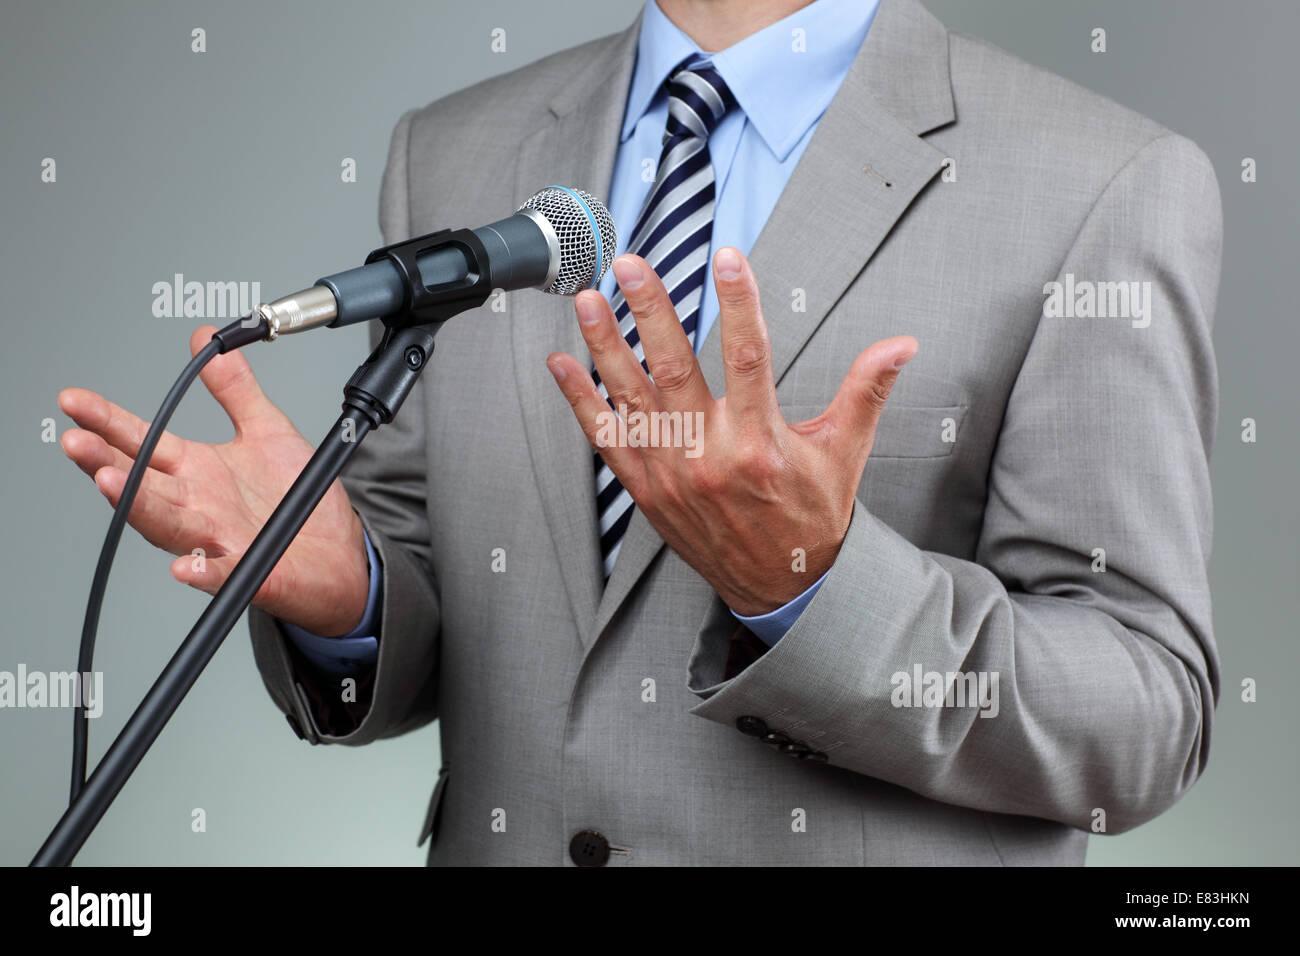 Discours avec microphone et geste de la main Photo Stock